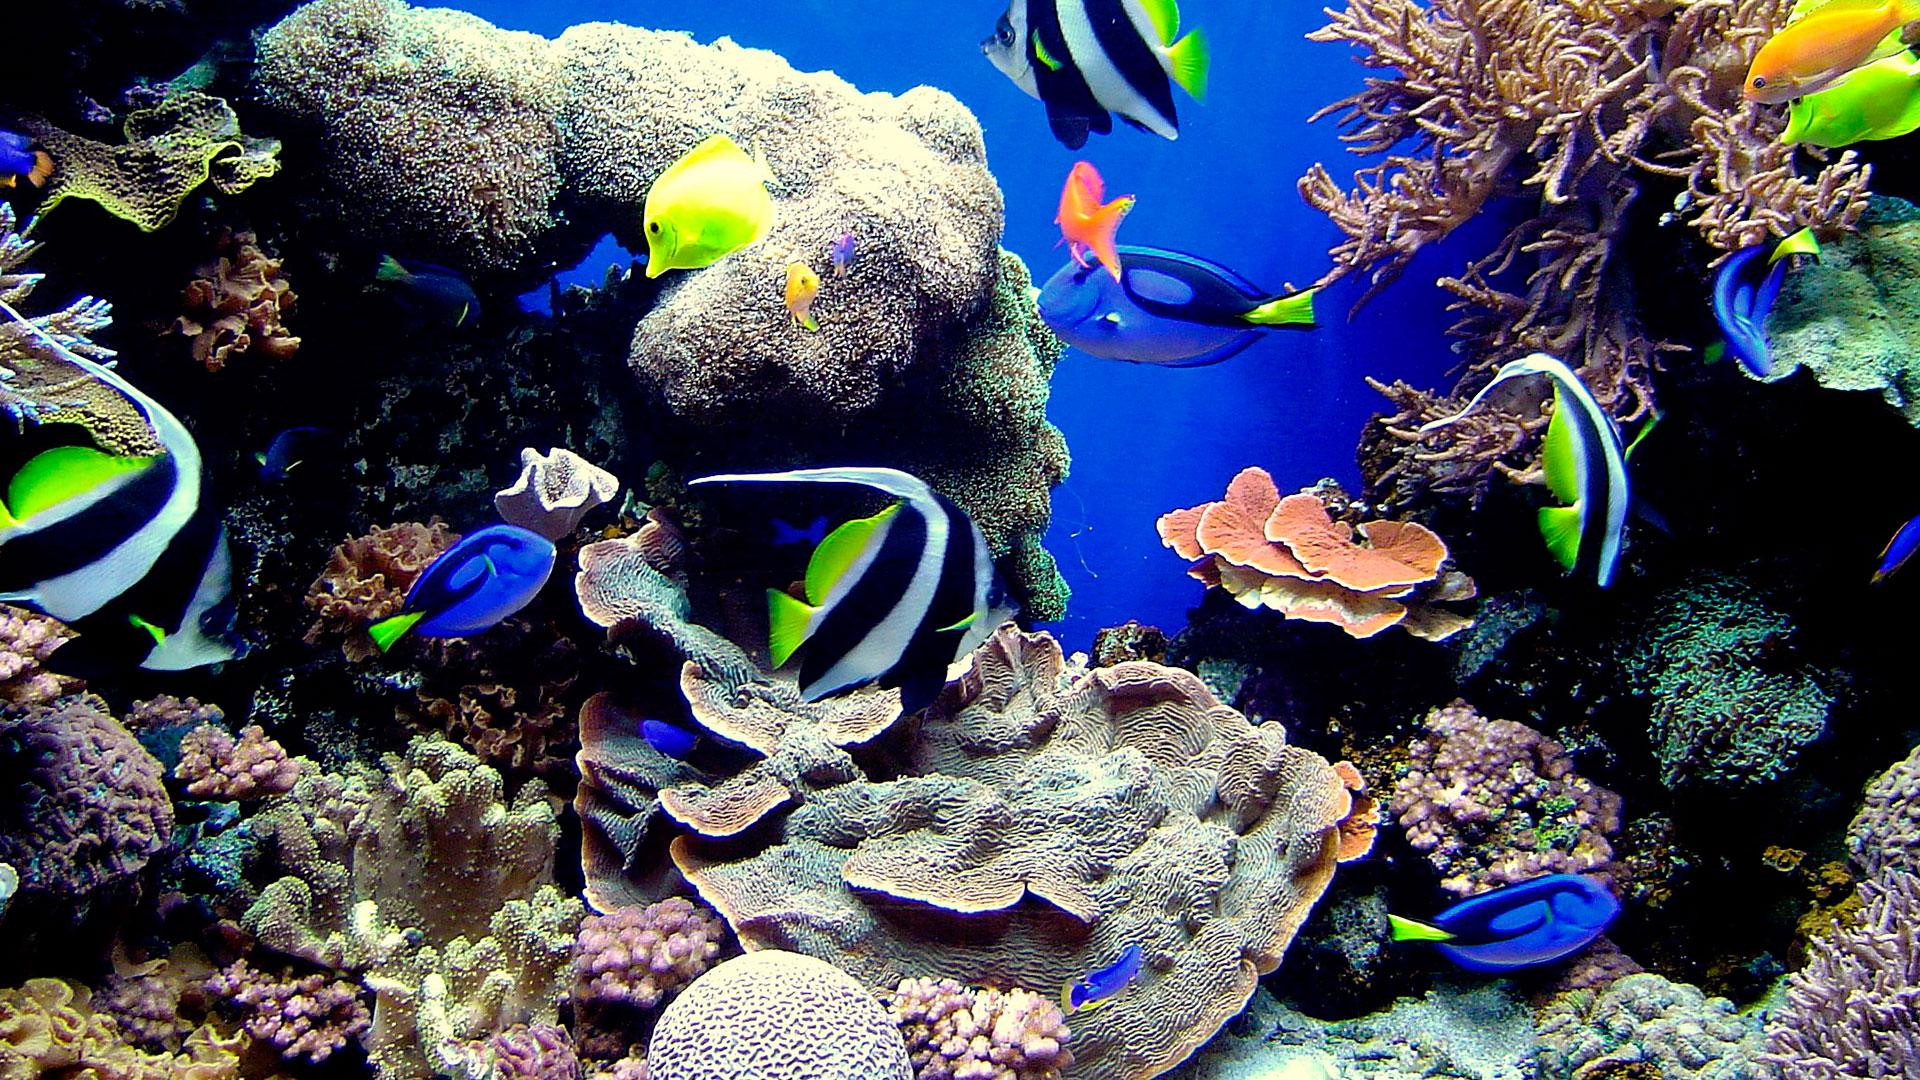 Acuarios marinos o de arrecife acuarios naturales for Peces ornamentales acuarios